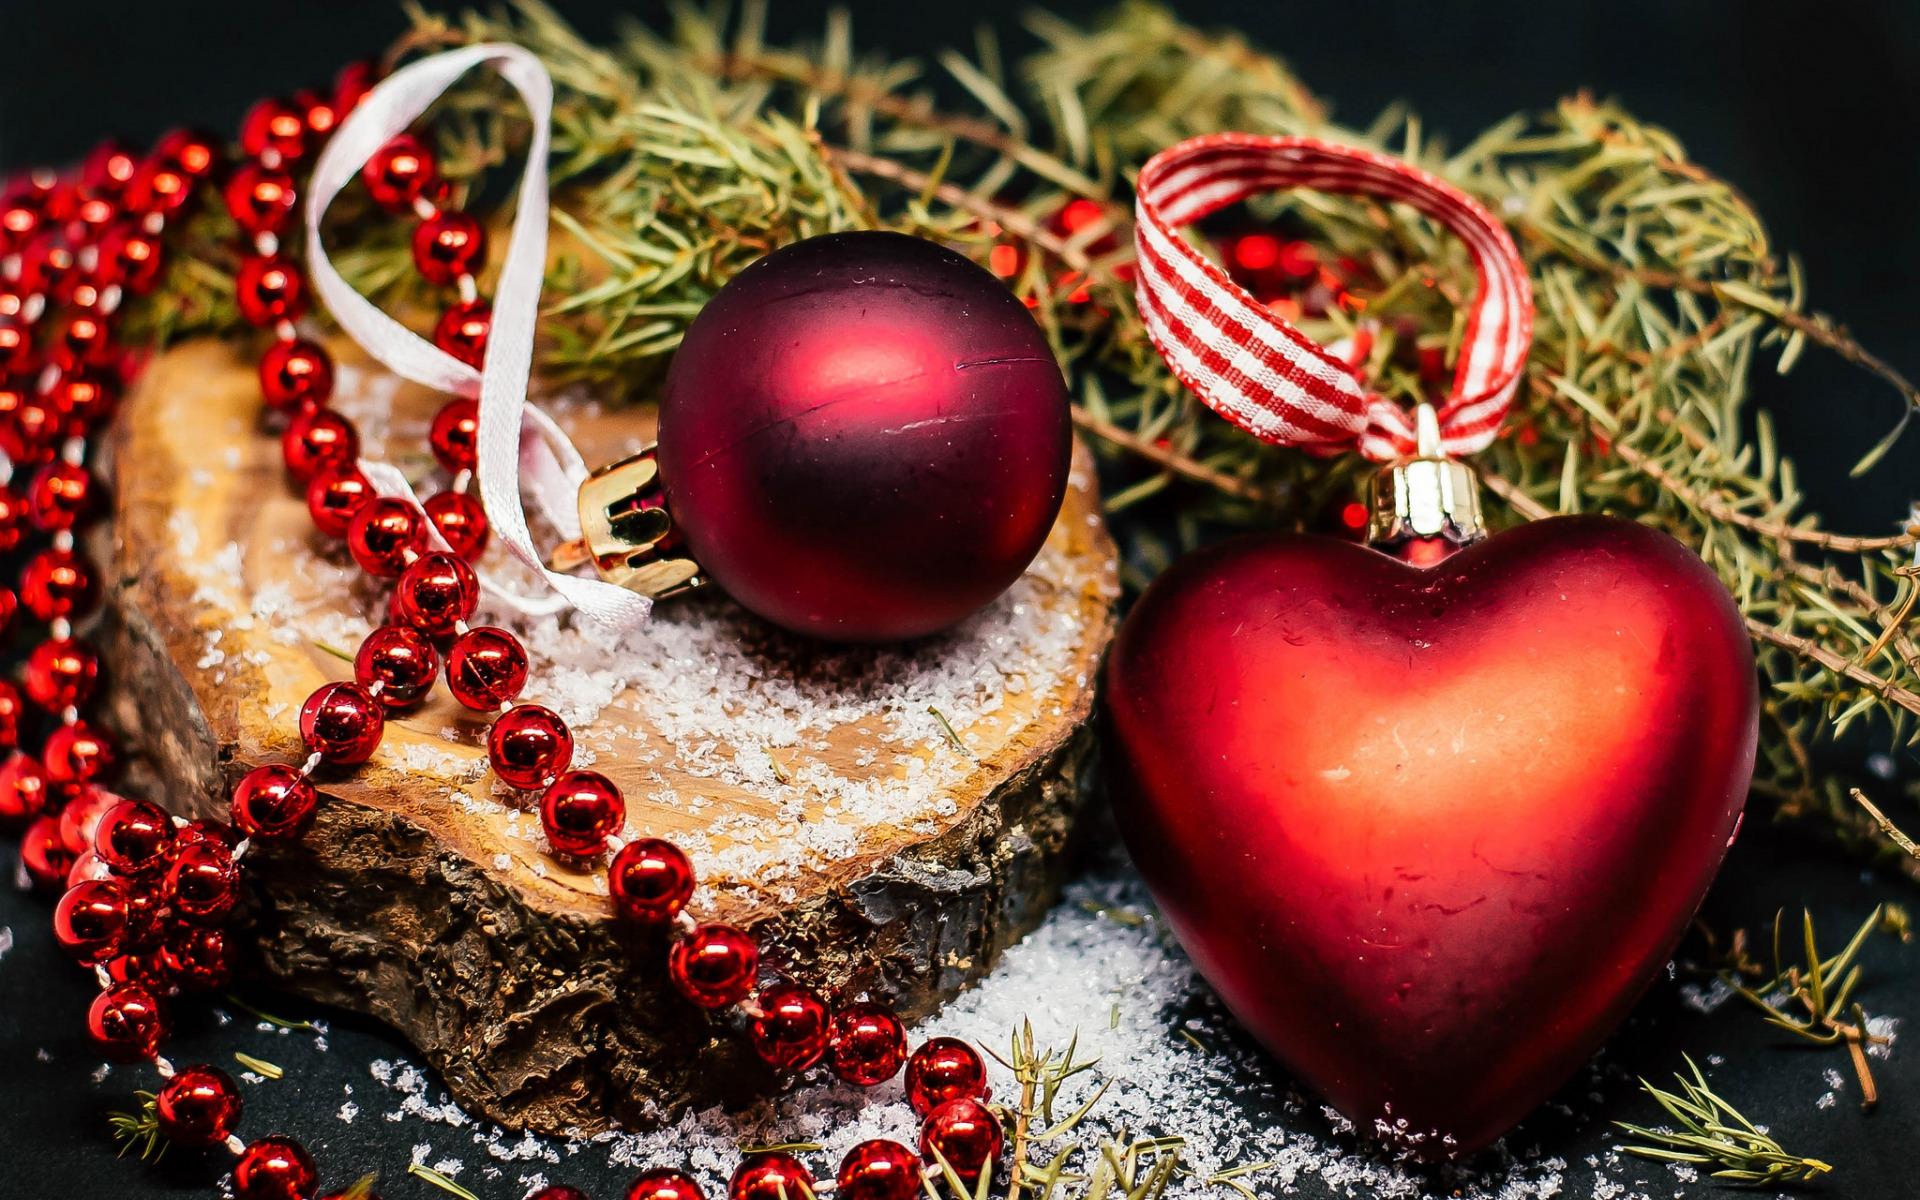 про новогодние сердечки картинки самого